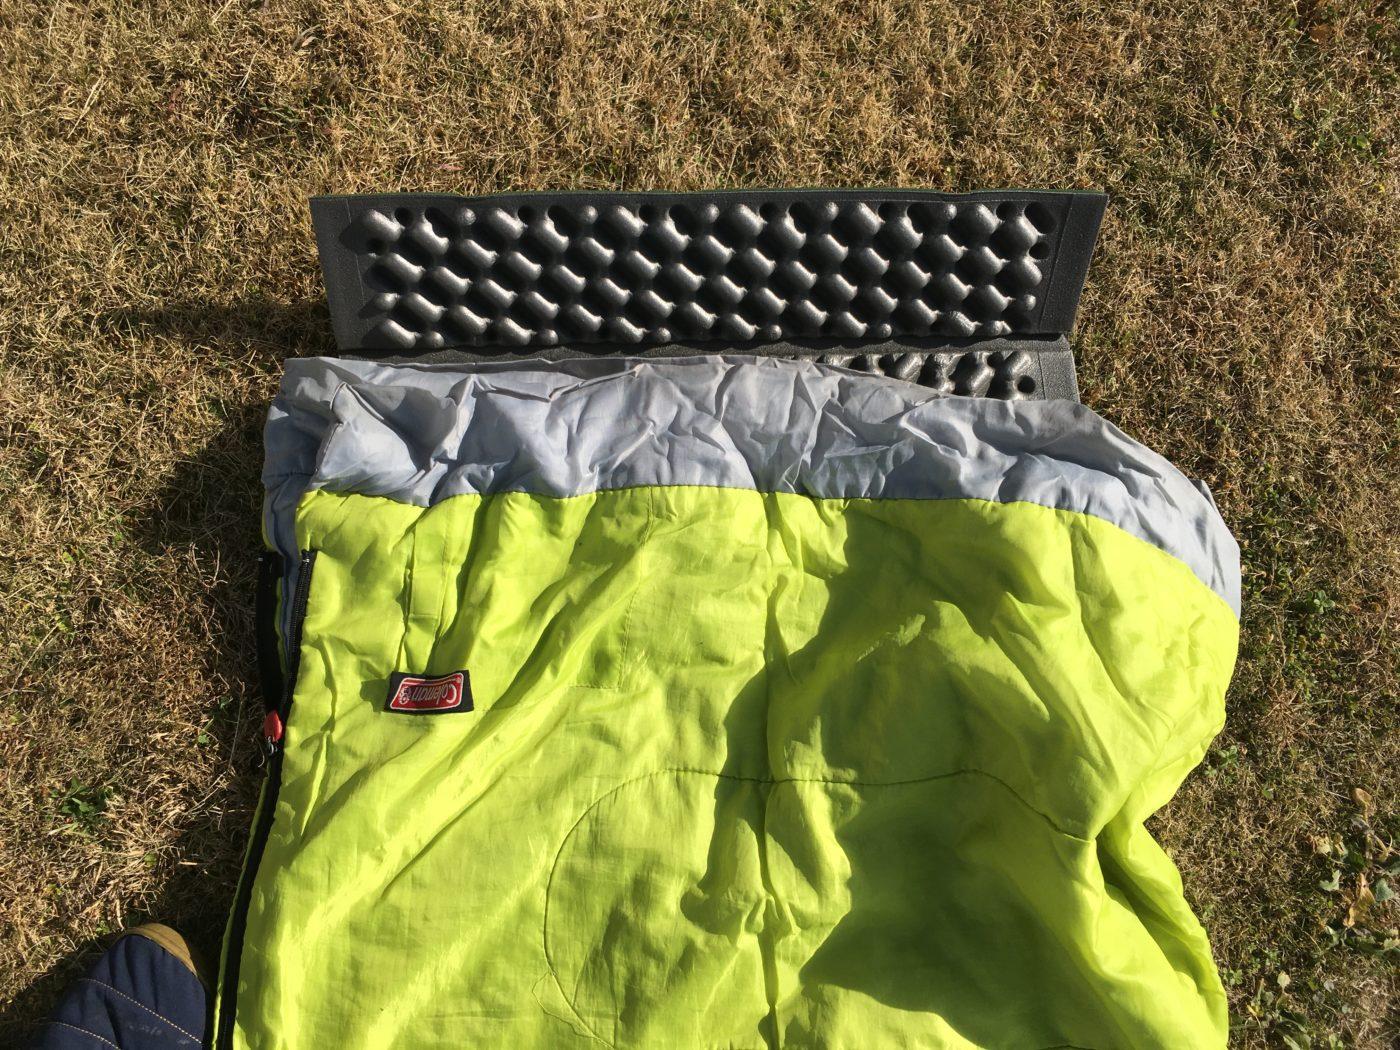 暖かい時期に使う寝袋に多い、封筒型寝袋